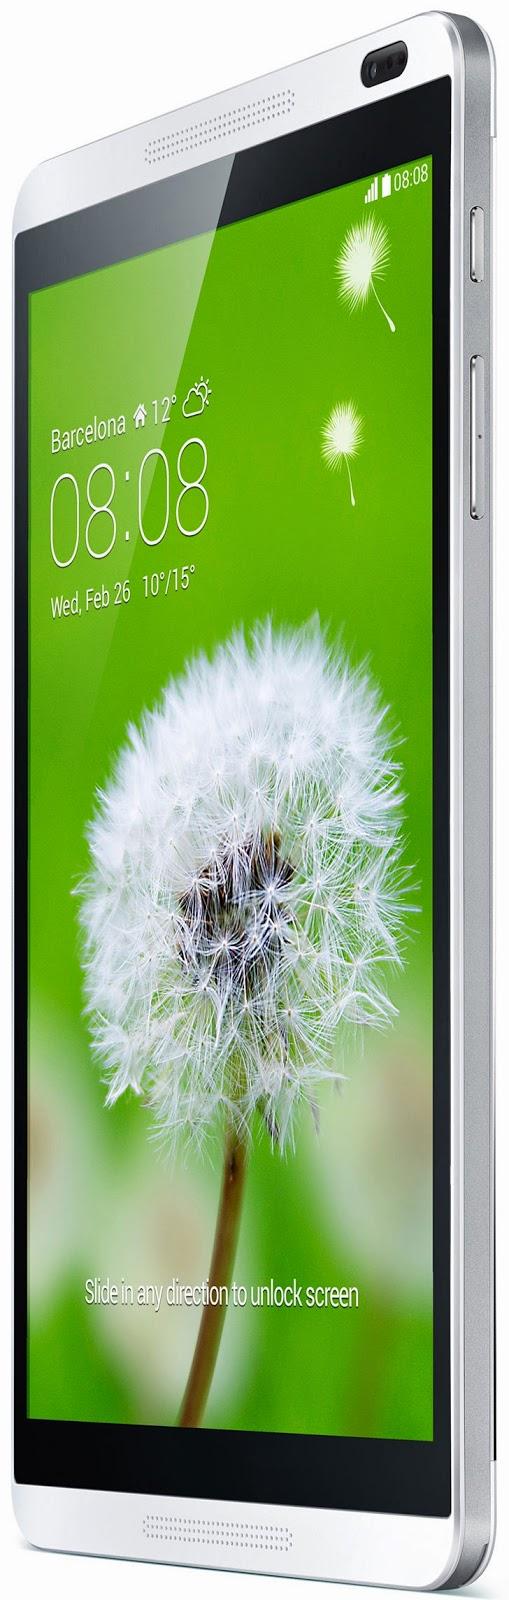 Harga Huawei MediaPad M1